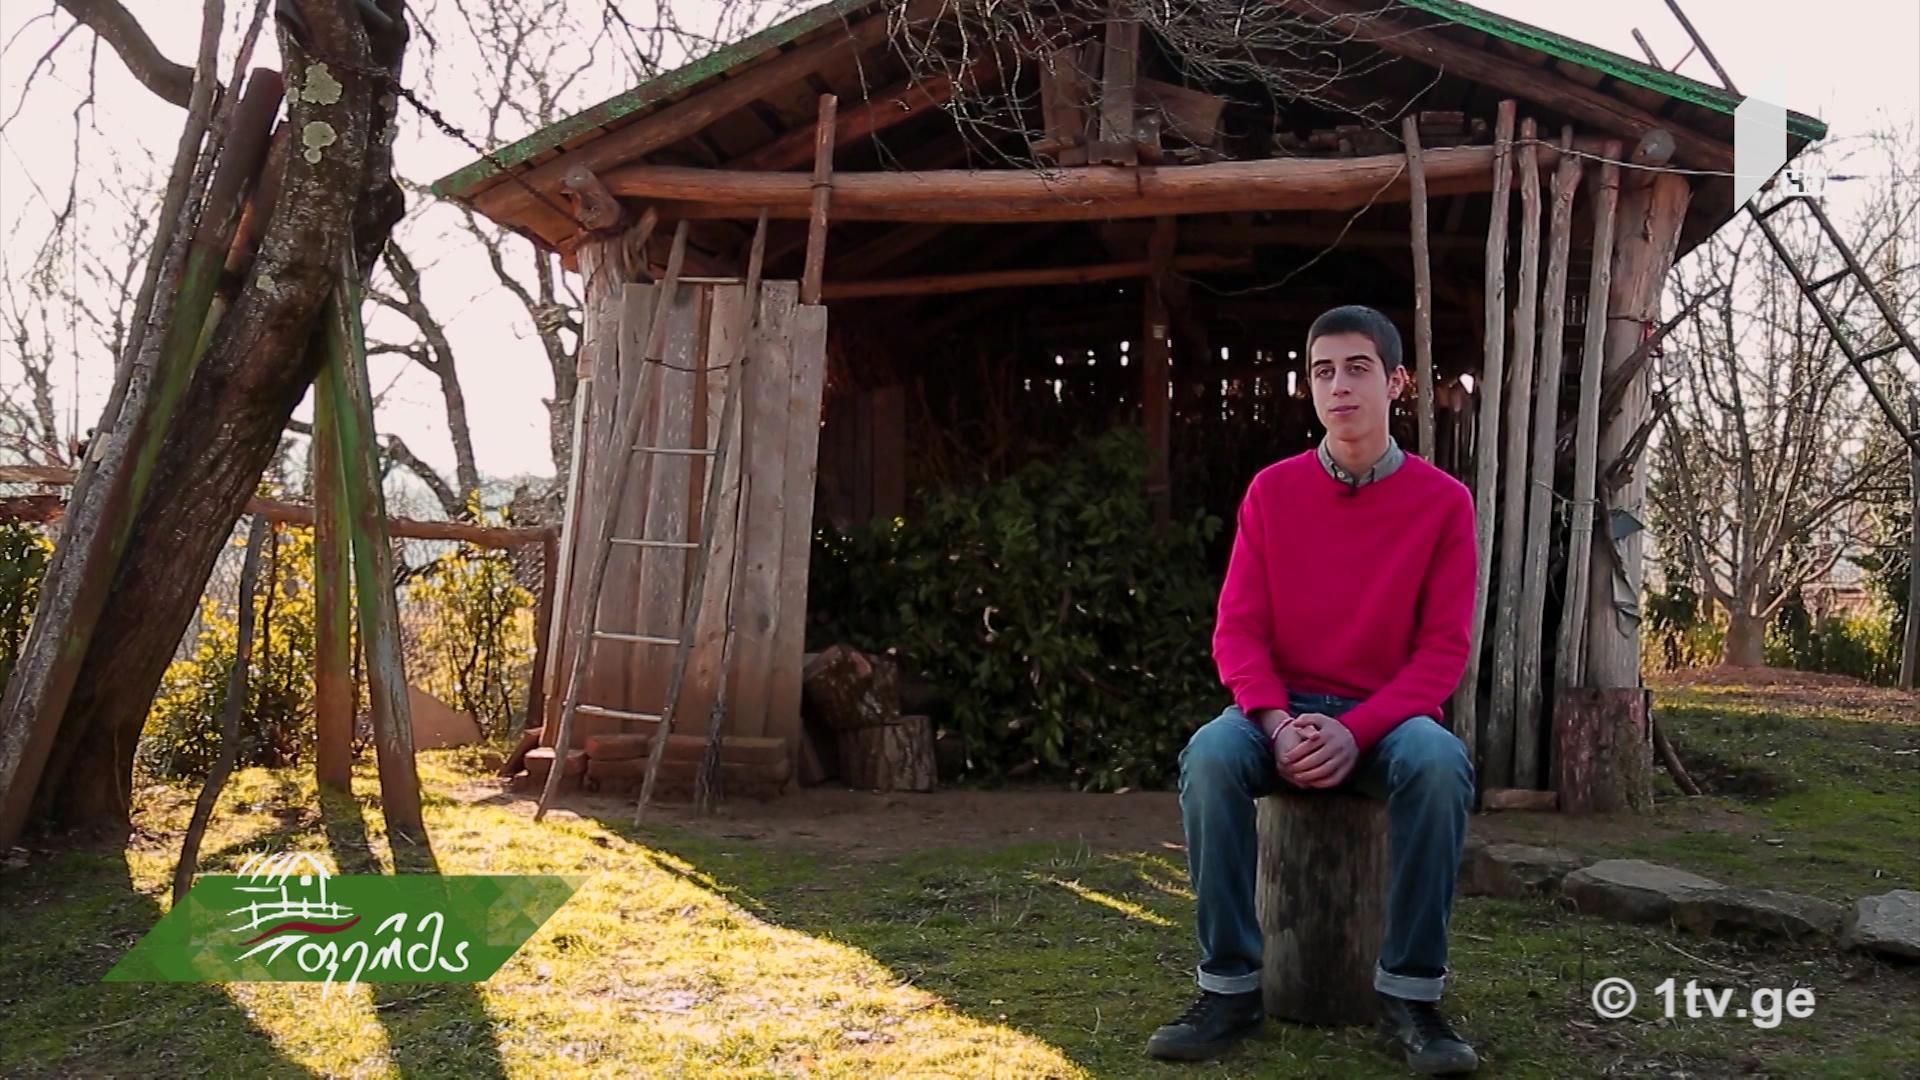 #არტიშოკი 15 წლის ქრისტეფორე დარჩაშვილი, სოფელზე შეყვარებული ქალაქელი ბიჭის ამბავი #ფერმაში